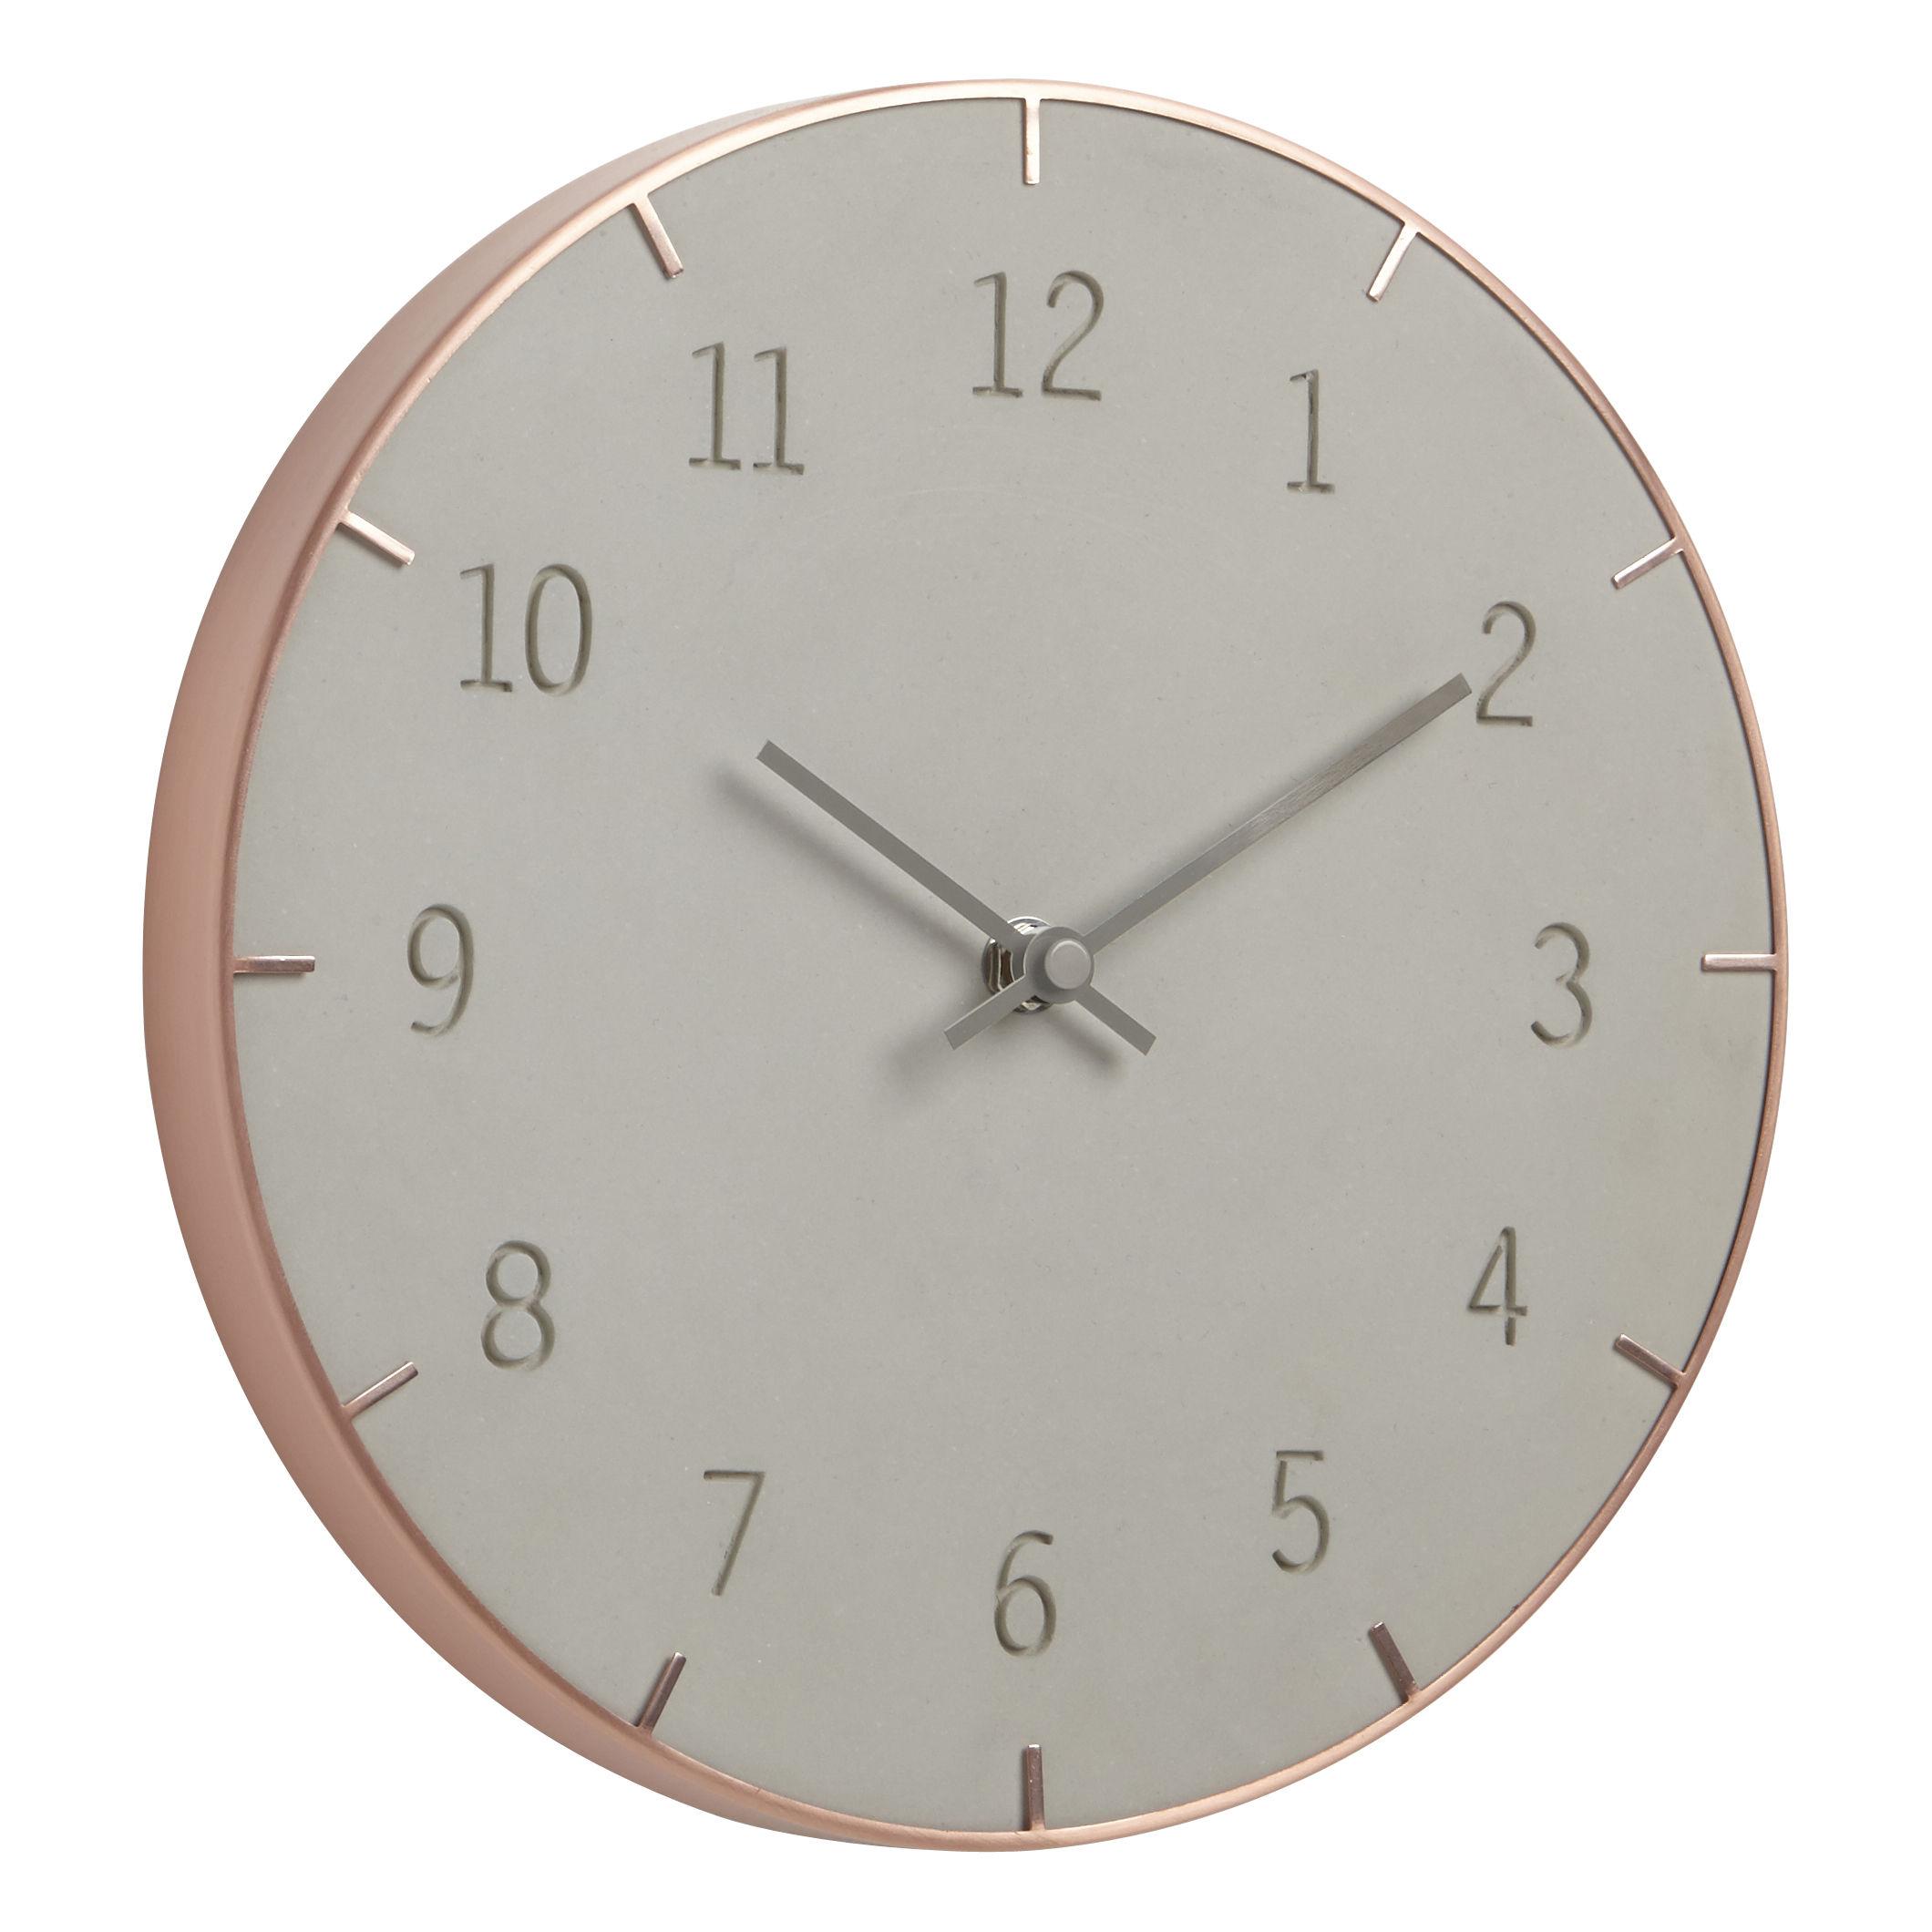 Horloge murale piatto 25 4 cm m tal cuivr b ton - Horloge murale cuivre ...